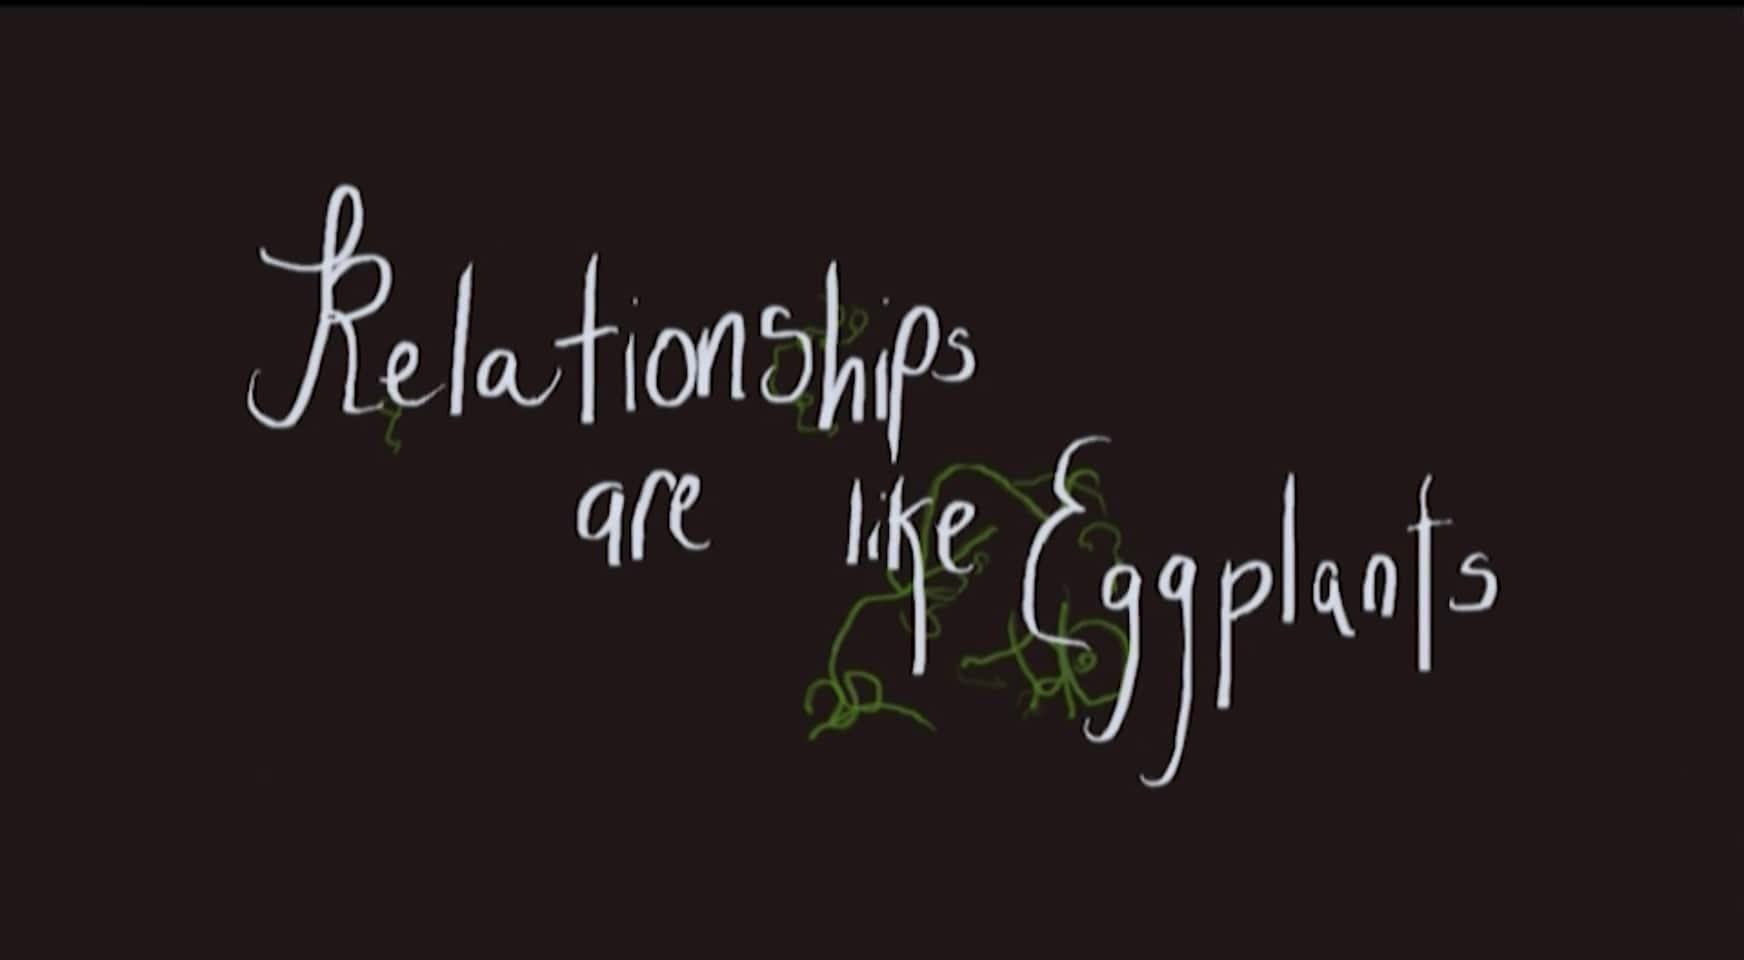 Relationships are Like Eggplants